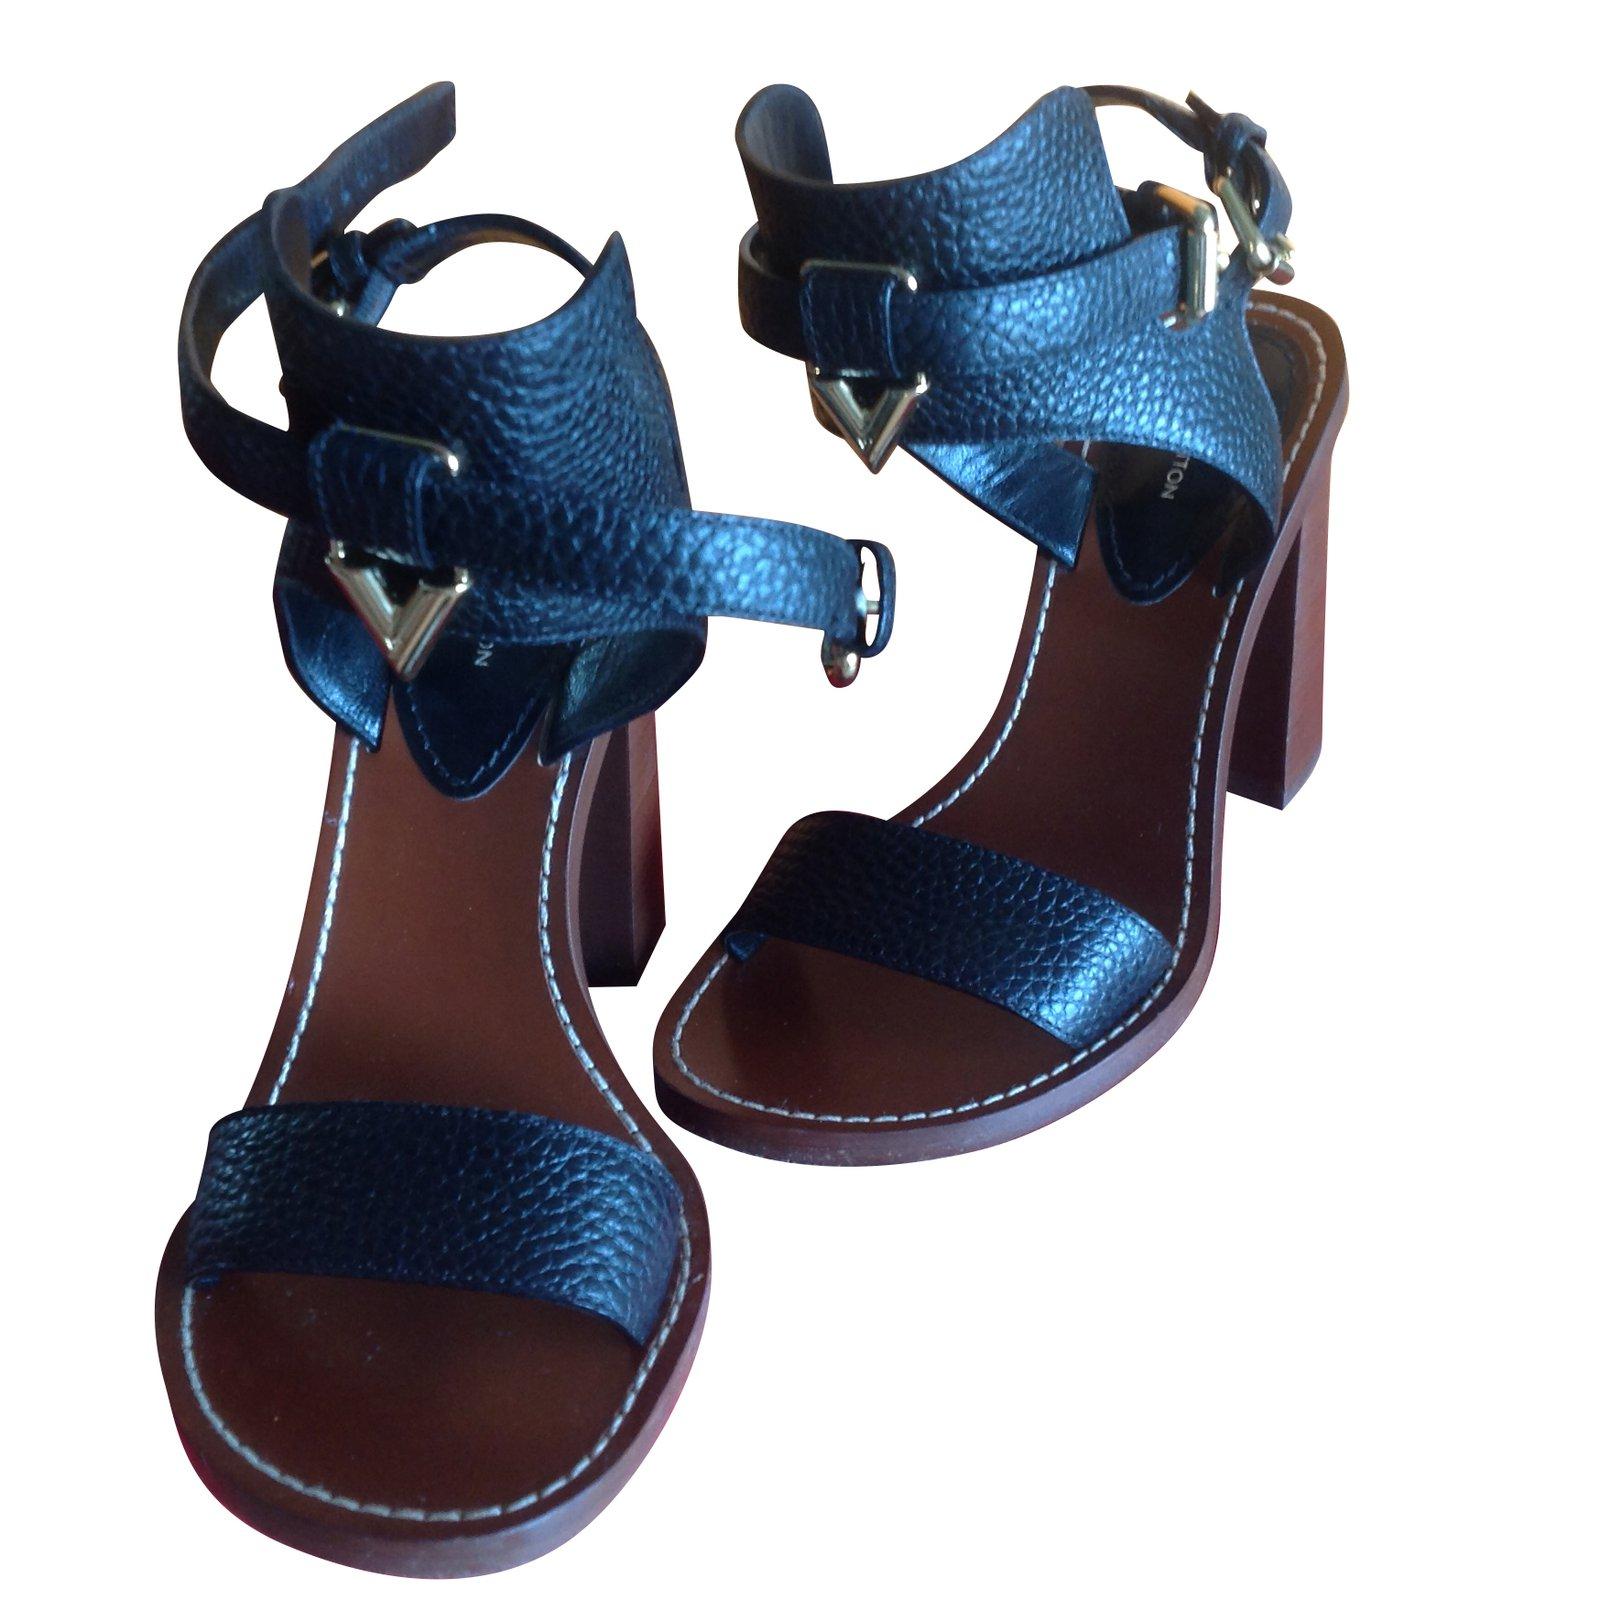 40b1c973a Louis Vuitton Amazonia Sandals Sandals Leather Black ref.42905 ...